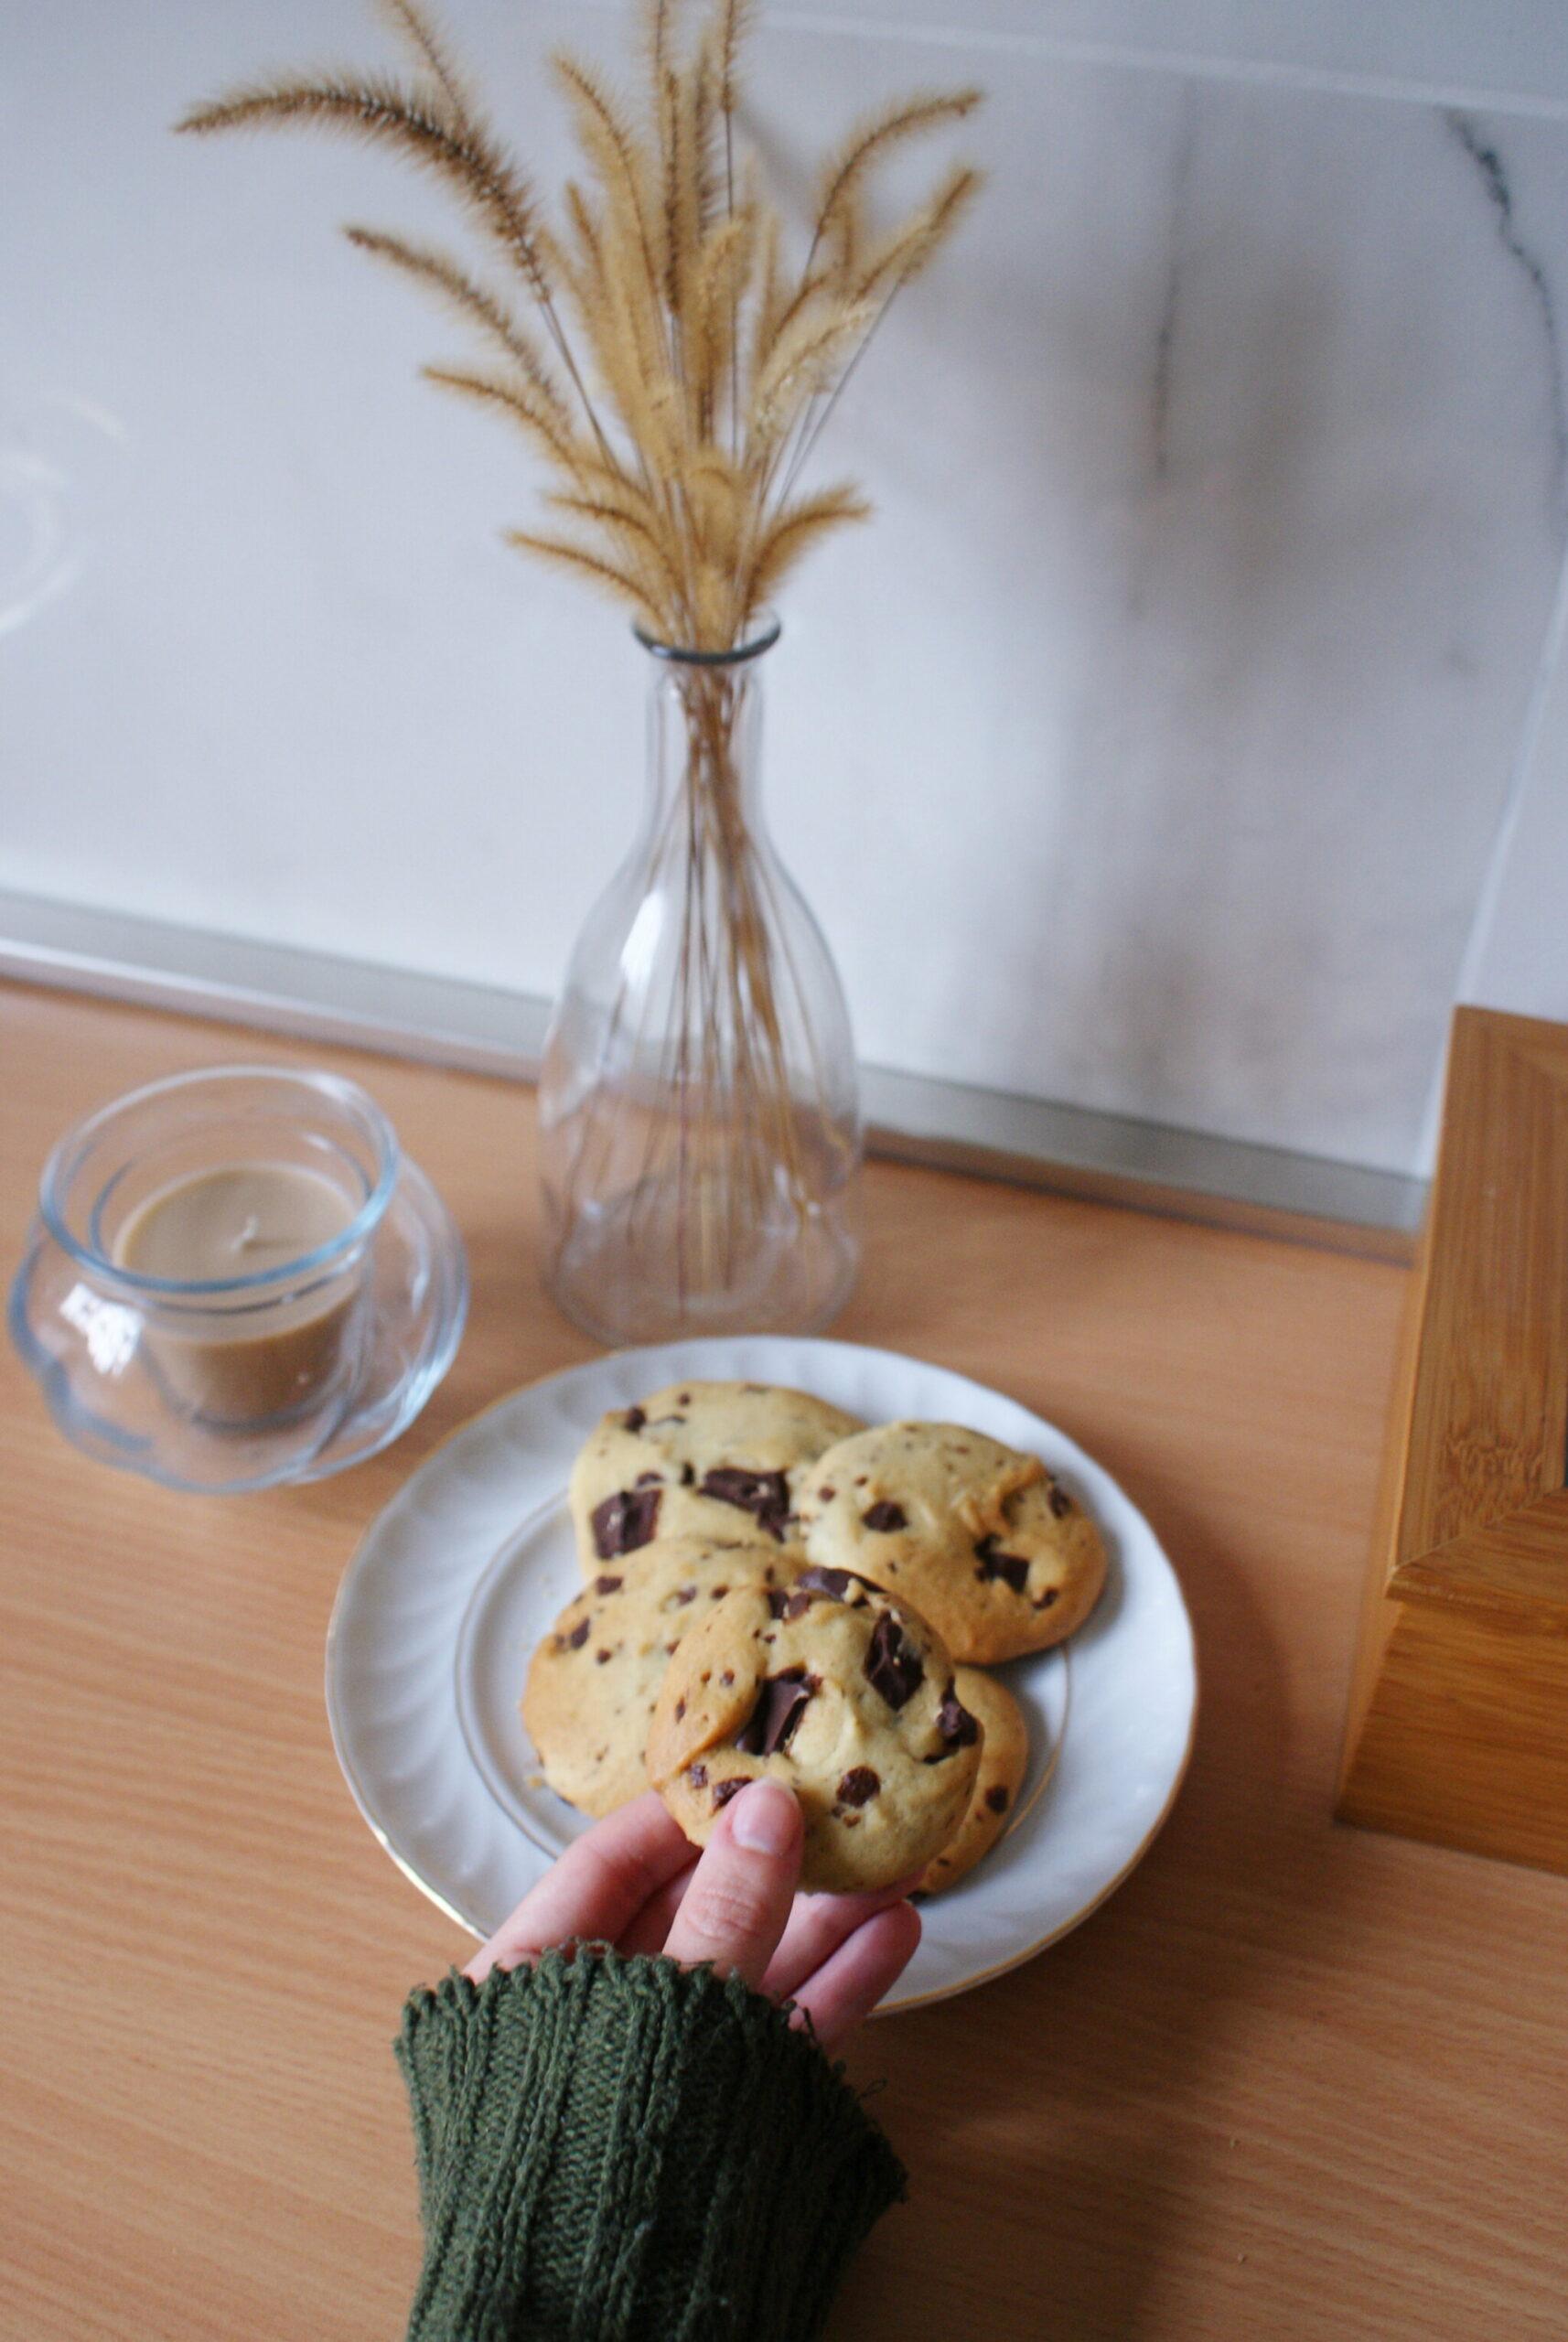 vera migliore ricetta facile veloce cookie americani gocce pezzi cioccolato vegan senza uova burro